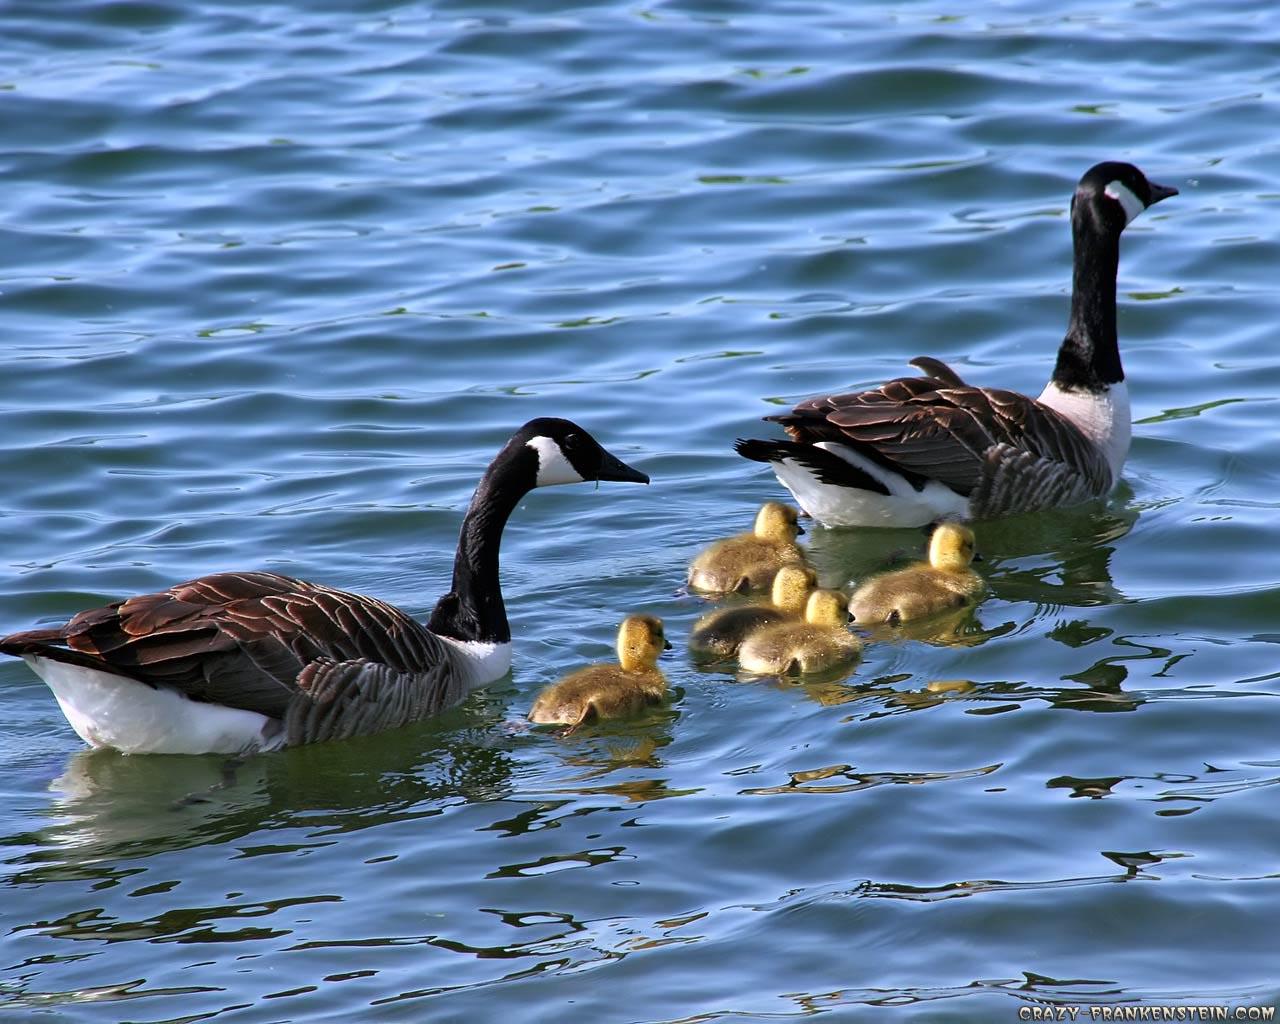 http://3.bp.blogspot.com/-ZqsSnfd01gk/Tka-0Bmm_CI/AAAAAAAACFU/-ZiInz9jEN0/s1600/canada-geese-family-wallpaper-1280x1024.jpg